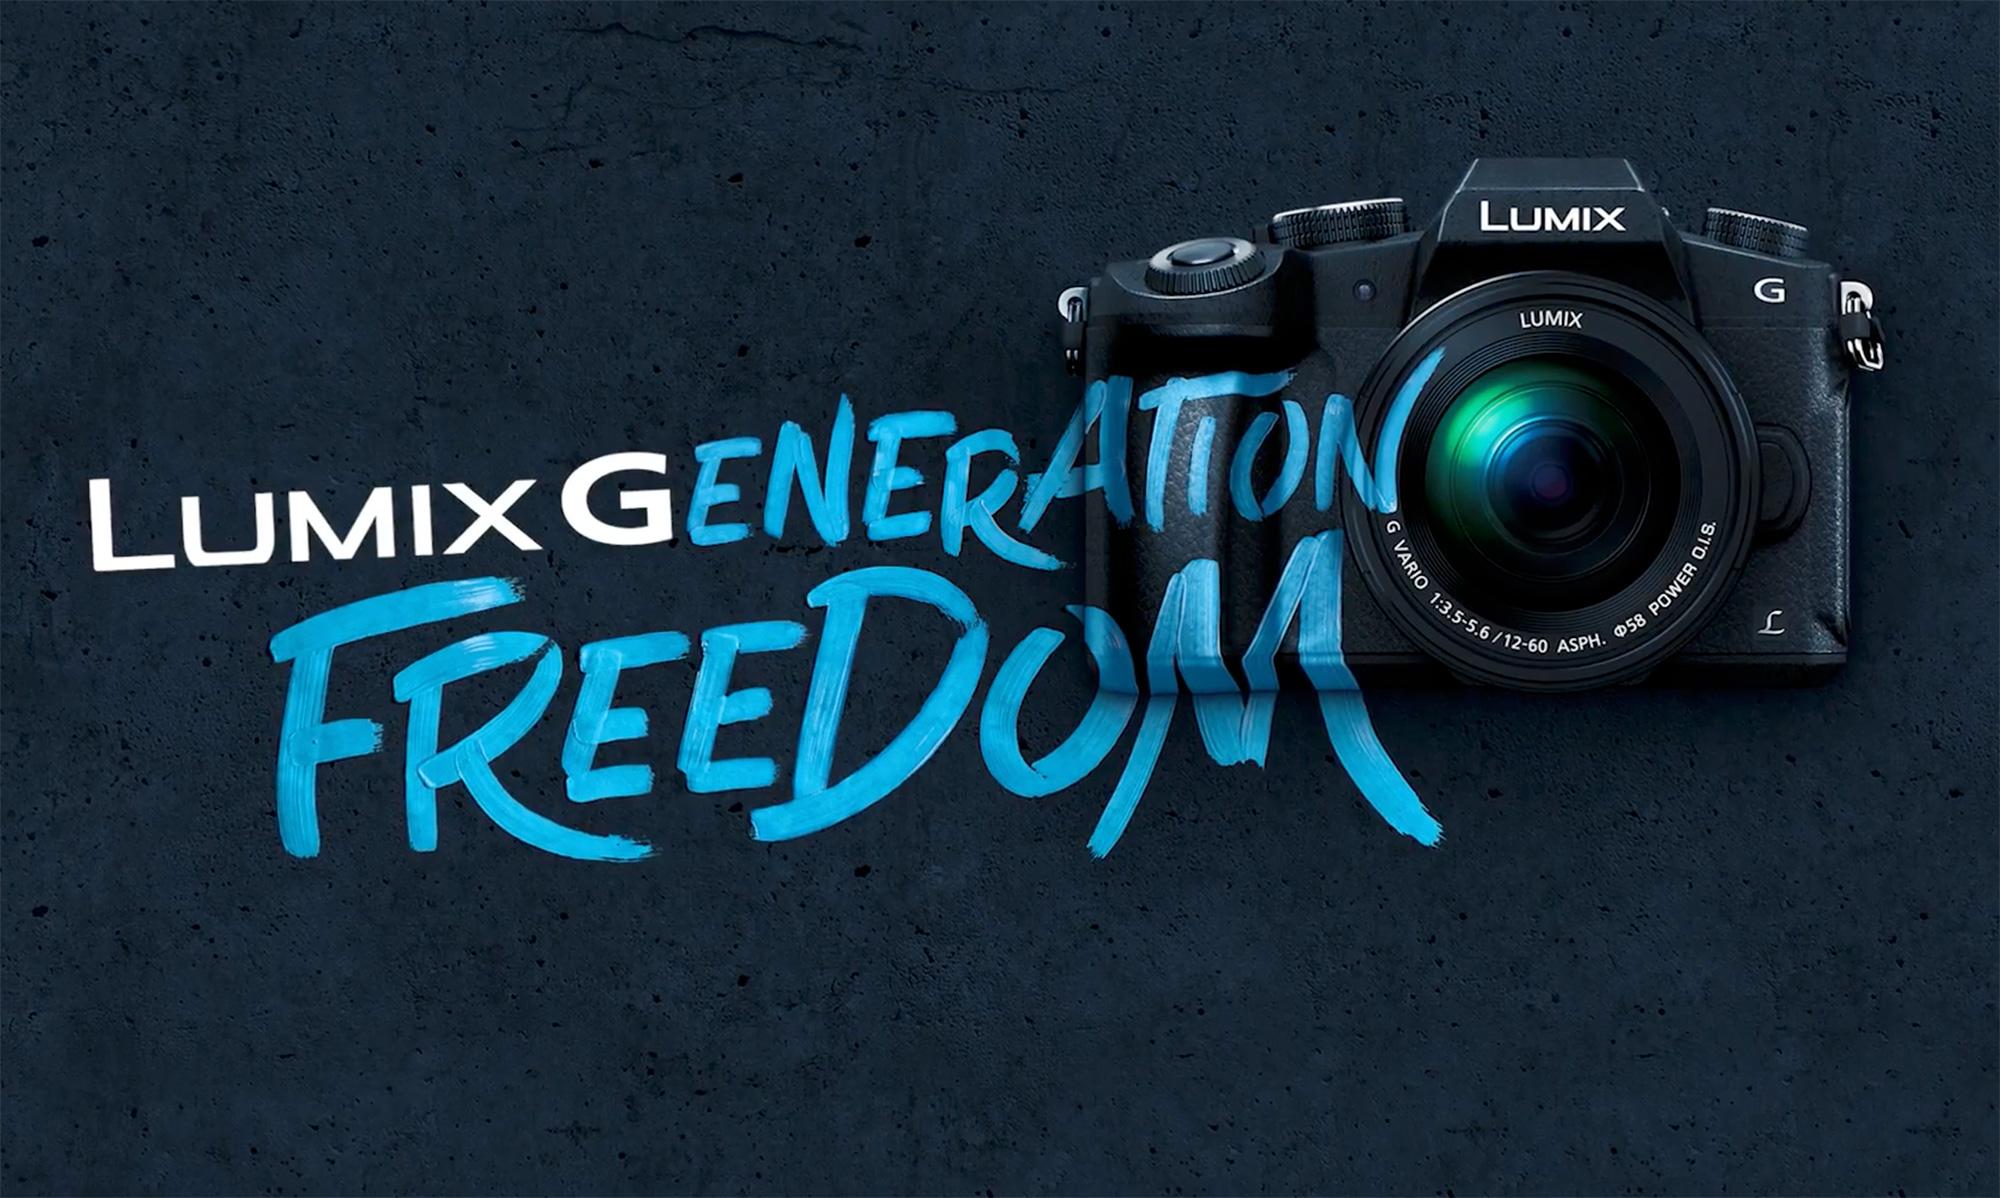 Lumix Generation Freedom